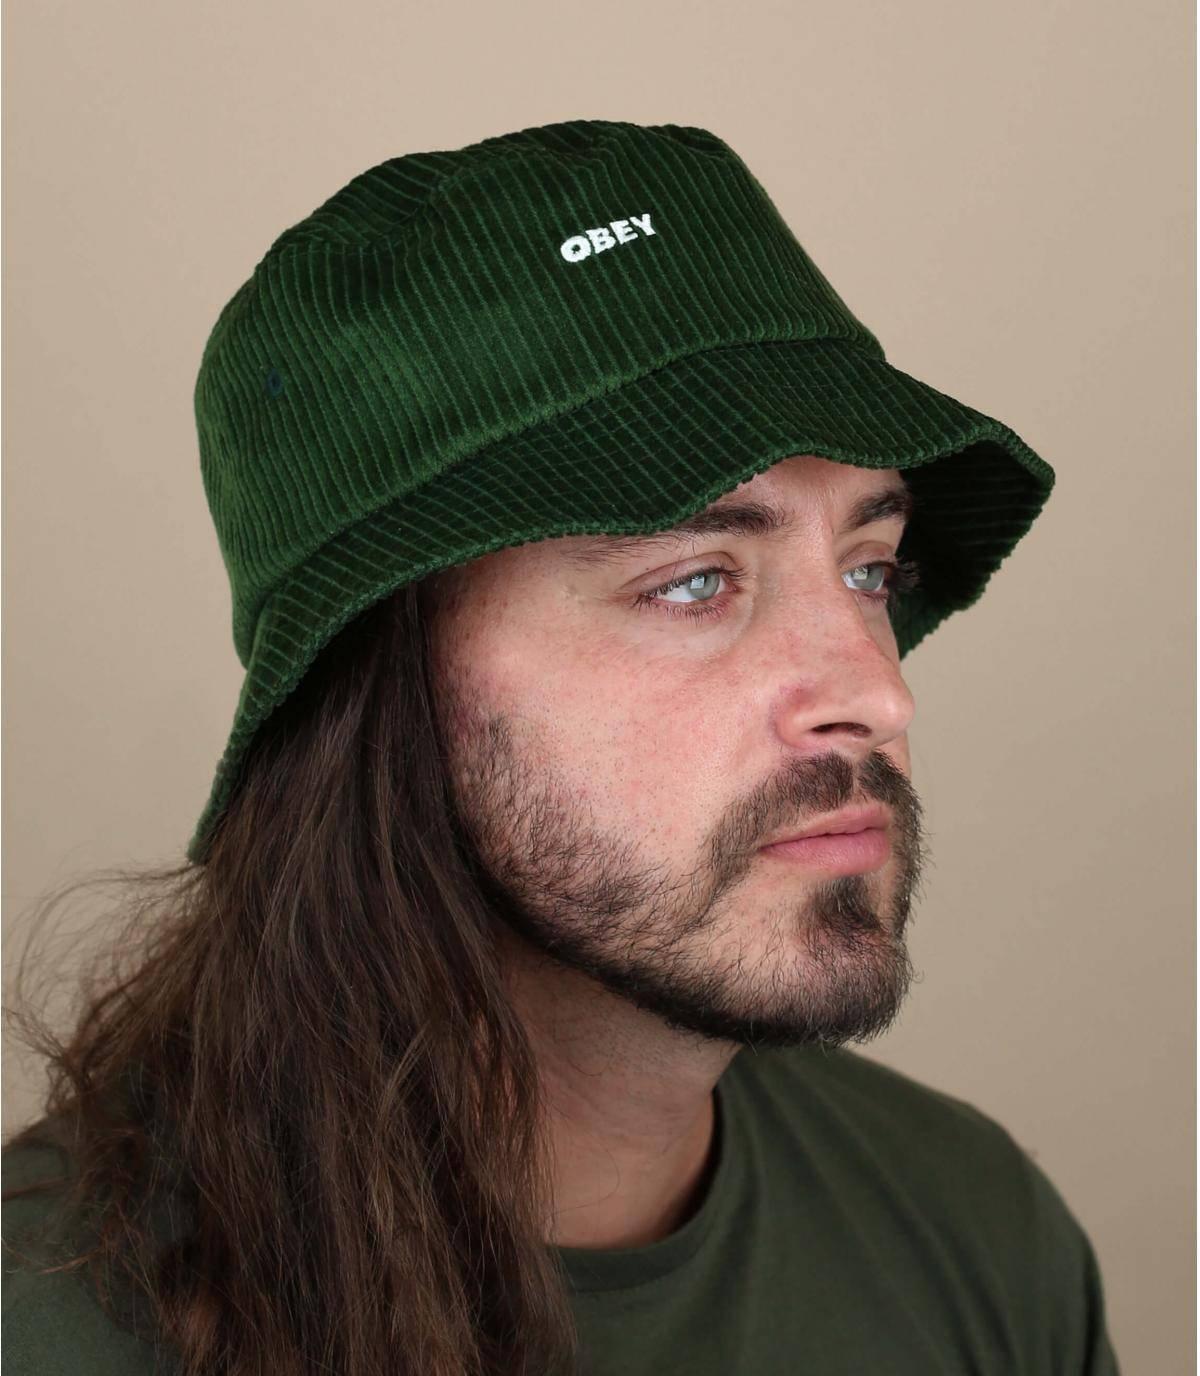 cappello da pescatore velluto verde Obey